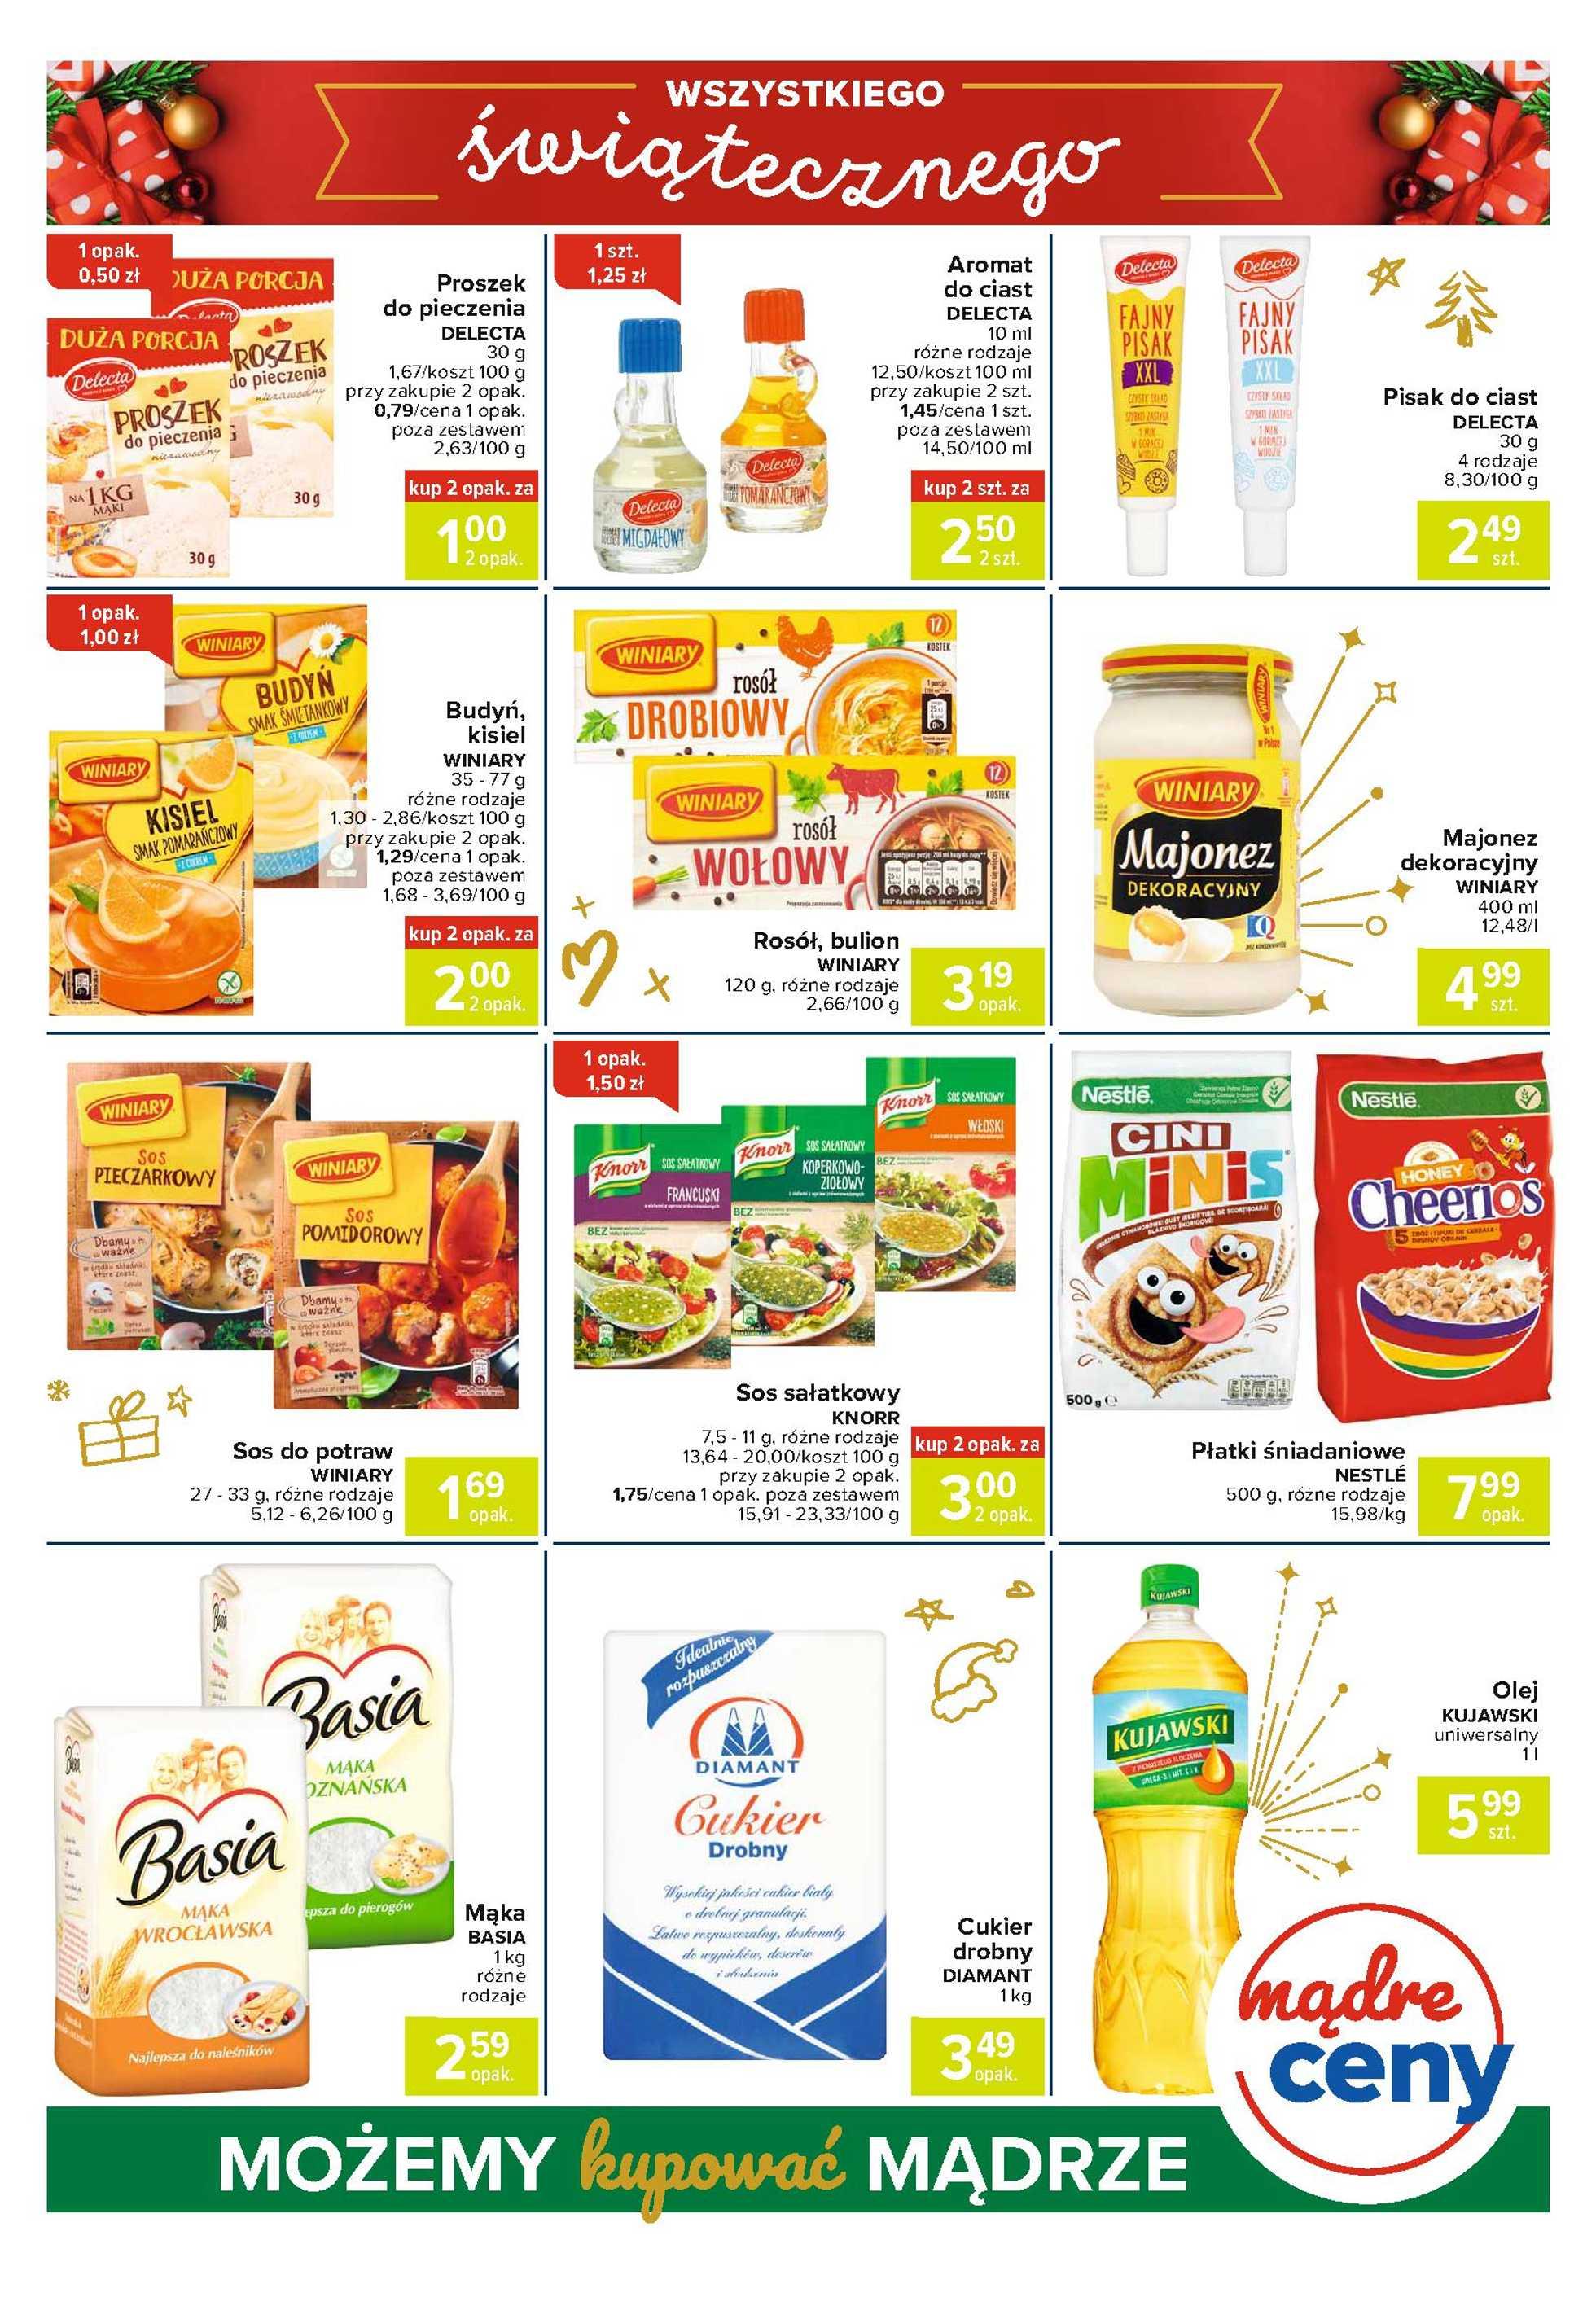 Carrefour Express - gazetka promocyjna ważna od 01.12.2020 do 07.12.2020 - strona 3.